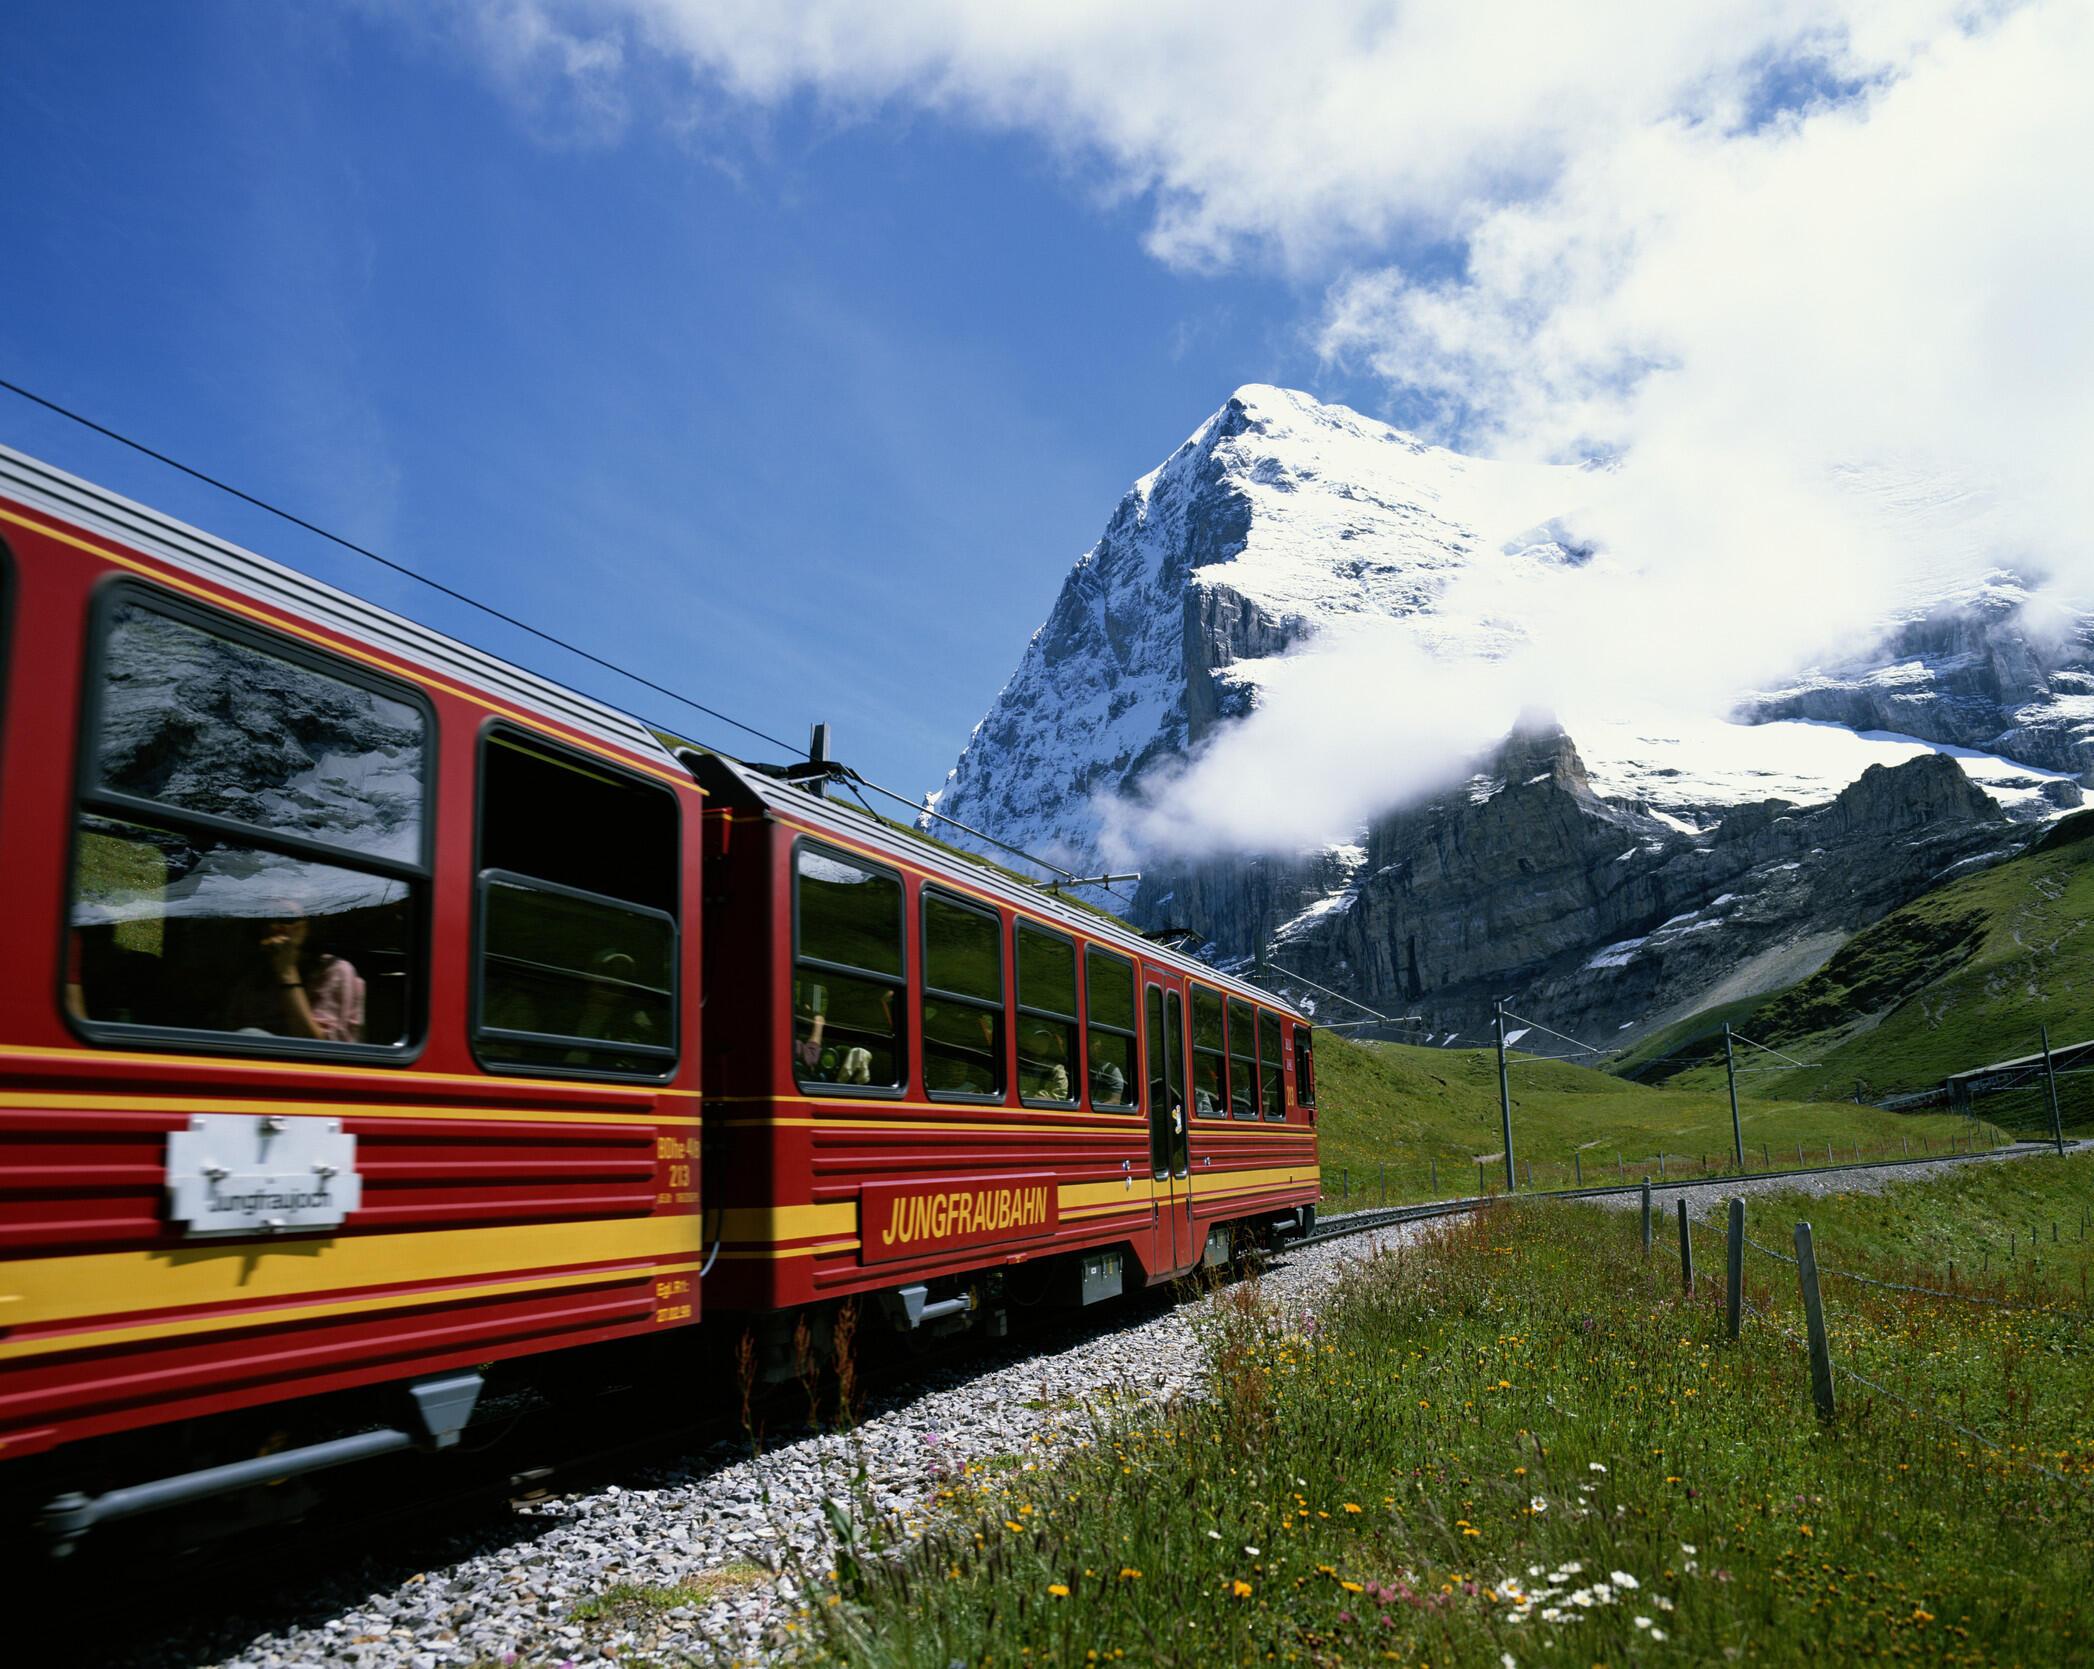 Le réseau de chemins de fer suisse est l'un des plus anciens et des plus denses d'Europe,